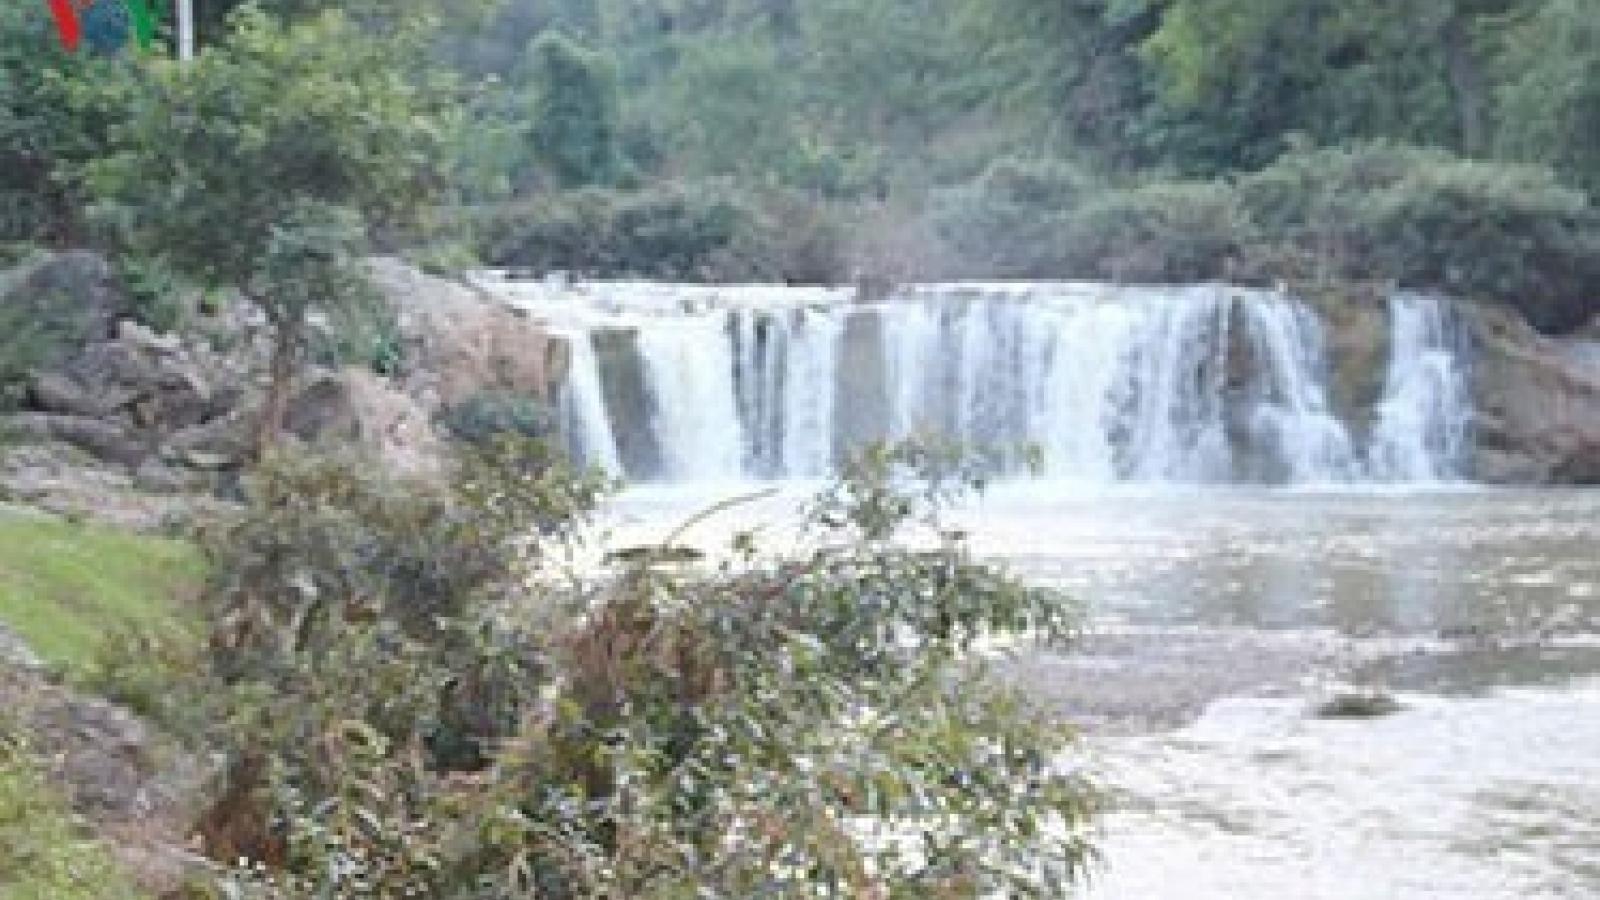 Đi tắm suối, một thanh niên ở Sơn La tử vong